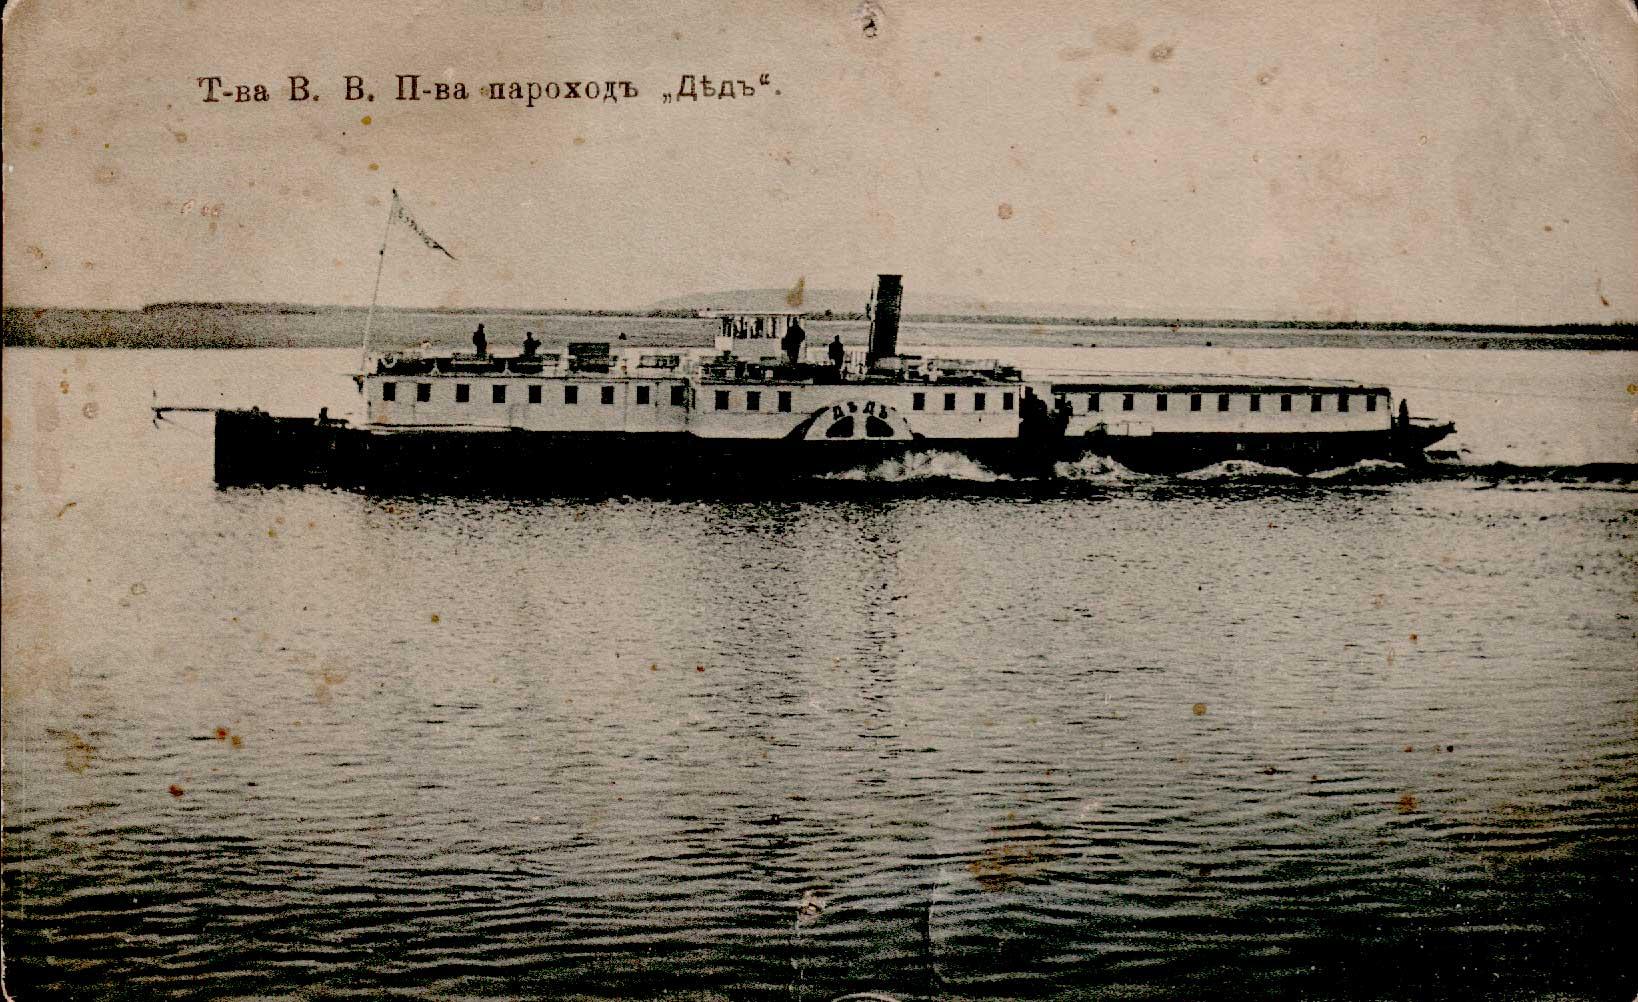 Пароход Товарищества Волго-Вятского пароходства «Дед»